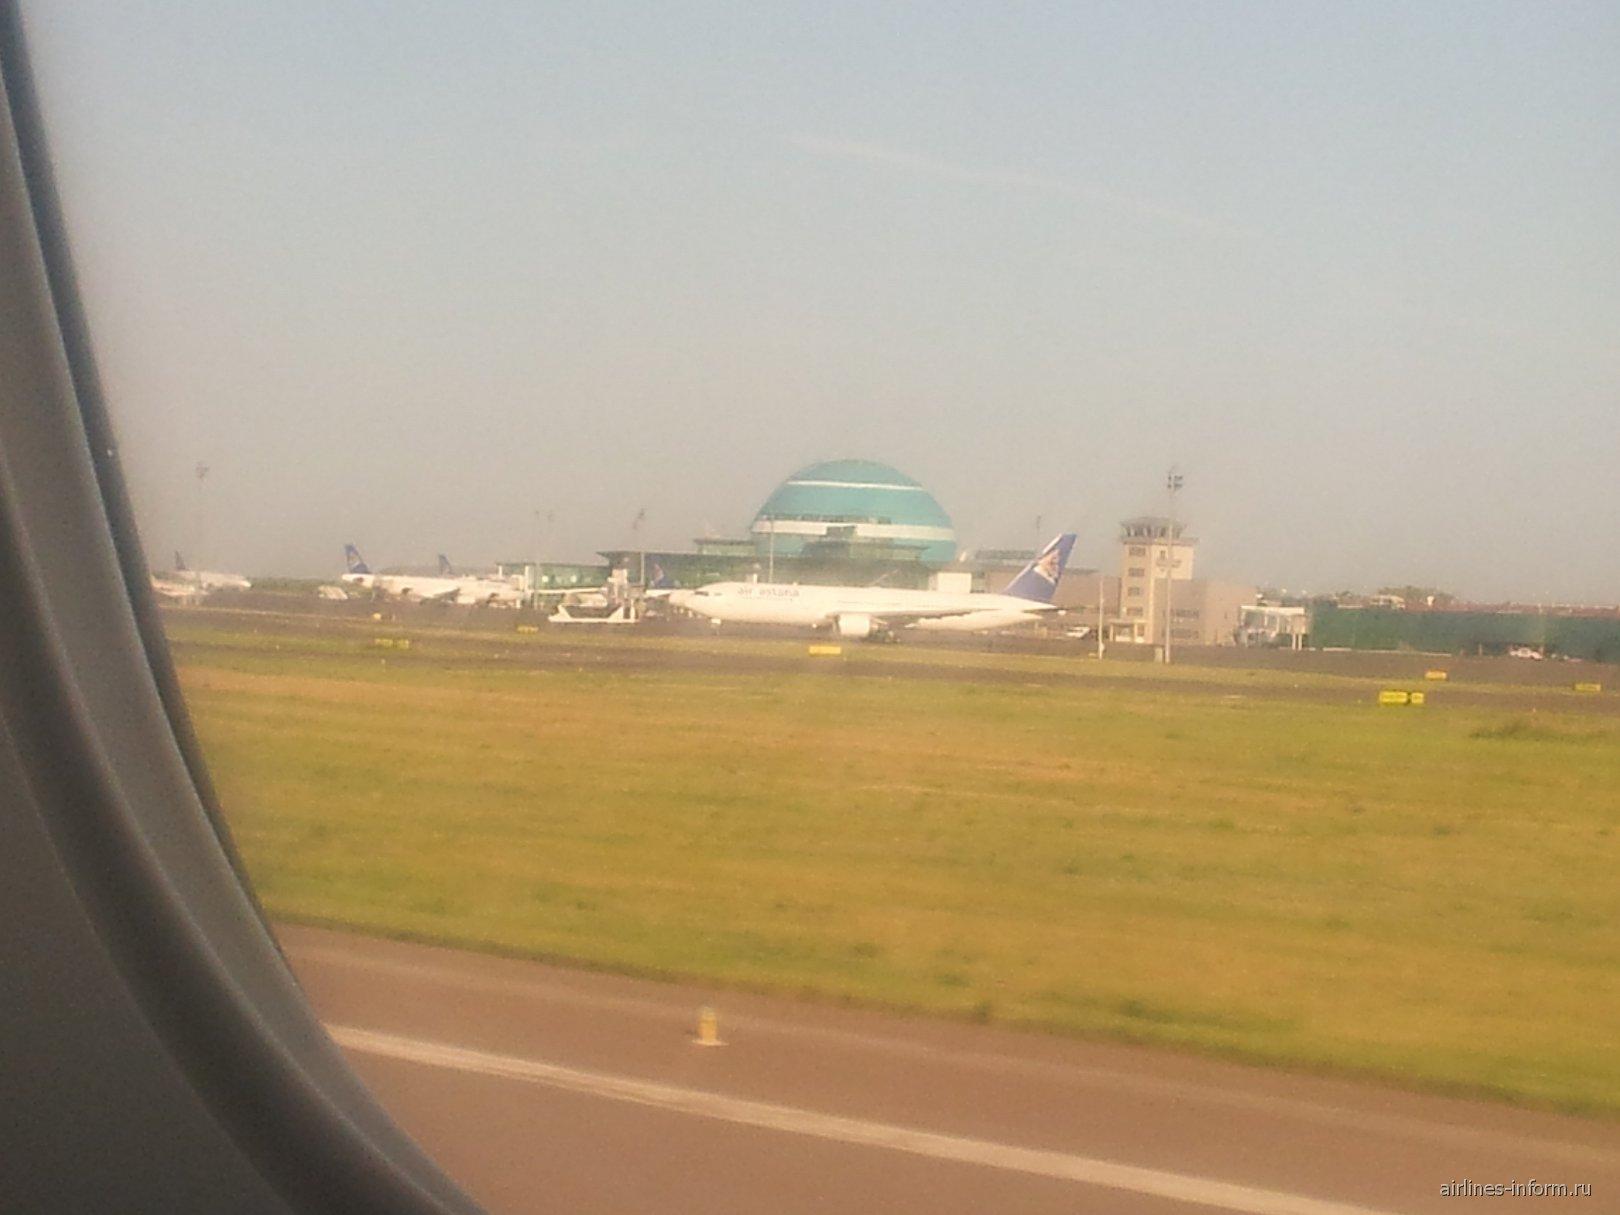 Вид на аэропорт Астана